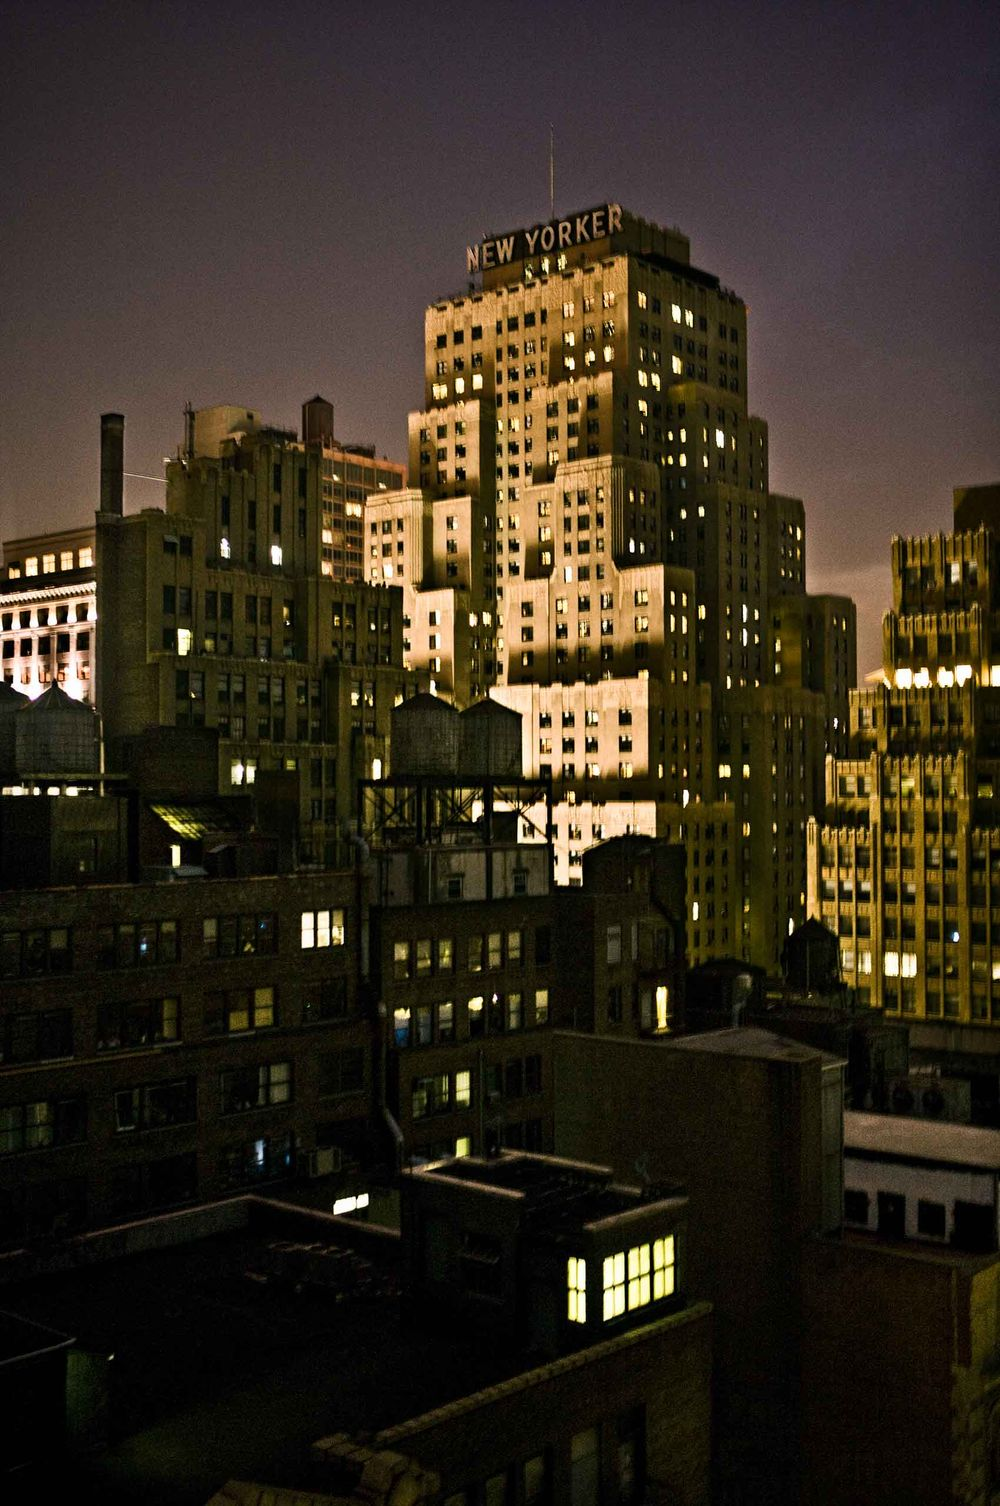 newyorker-building-atnight-by-HenrikOlundPhotography.jpg